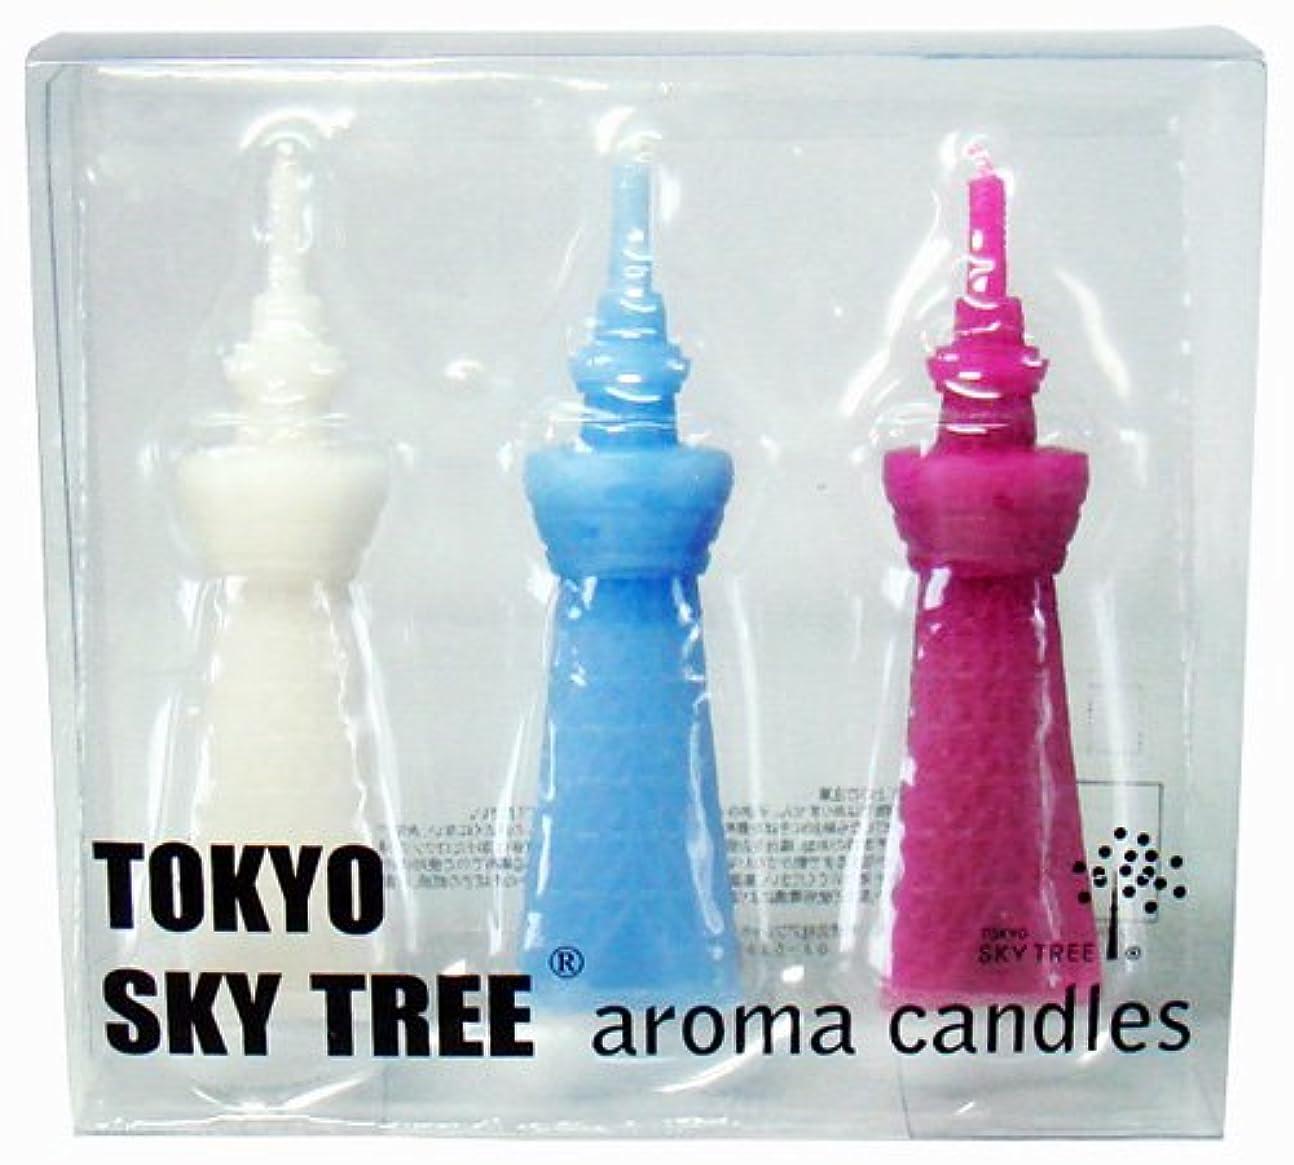 黙細い反対に東京スカイツリー(R) アロマキャンドル3本セット